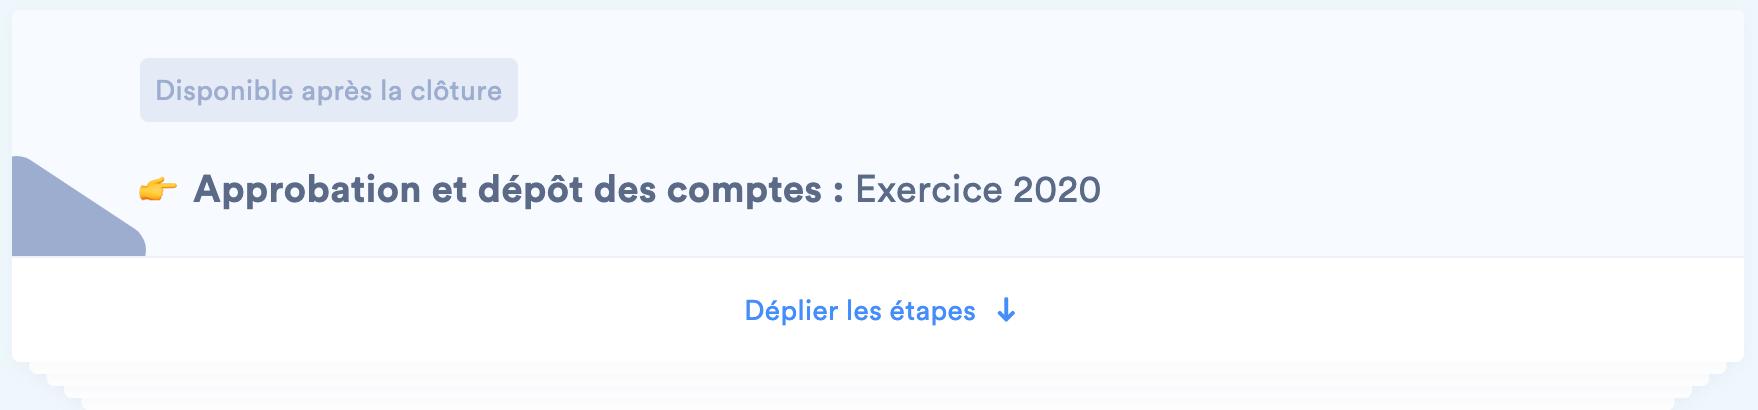 approbation_depot_des_comptes_georges